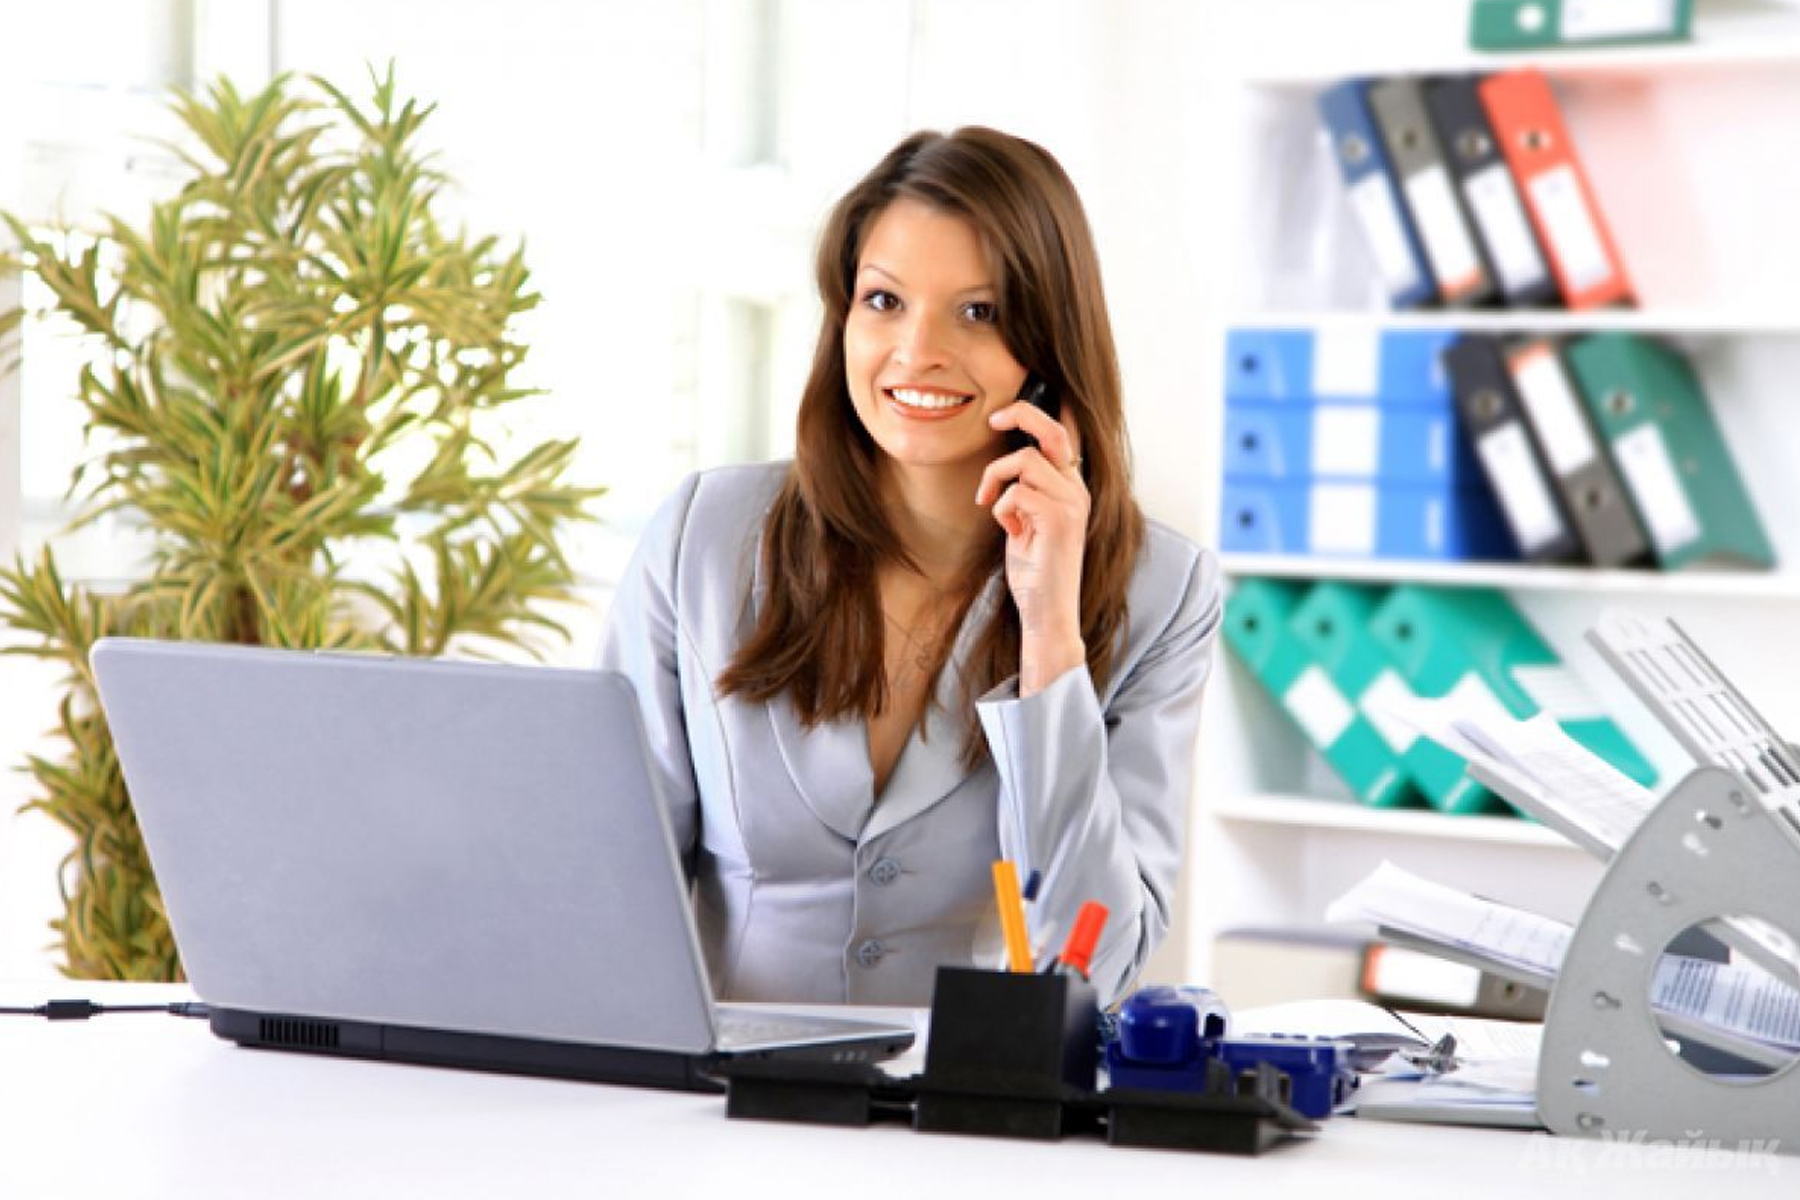 Consulente Fiscale Online - Contabilità Online - Servizi di Contabilità Fiscale Online